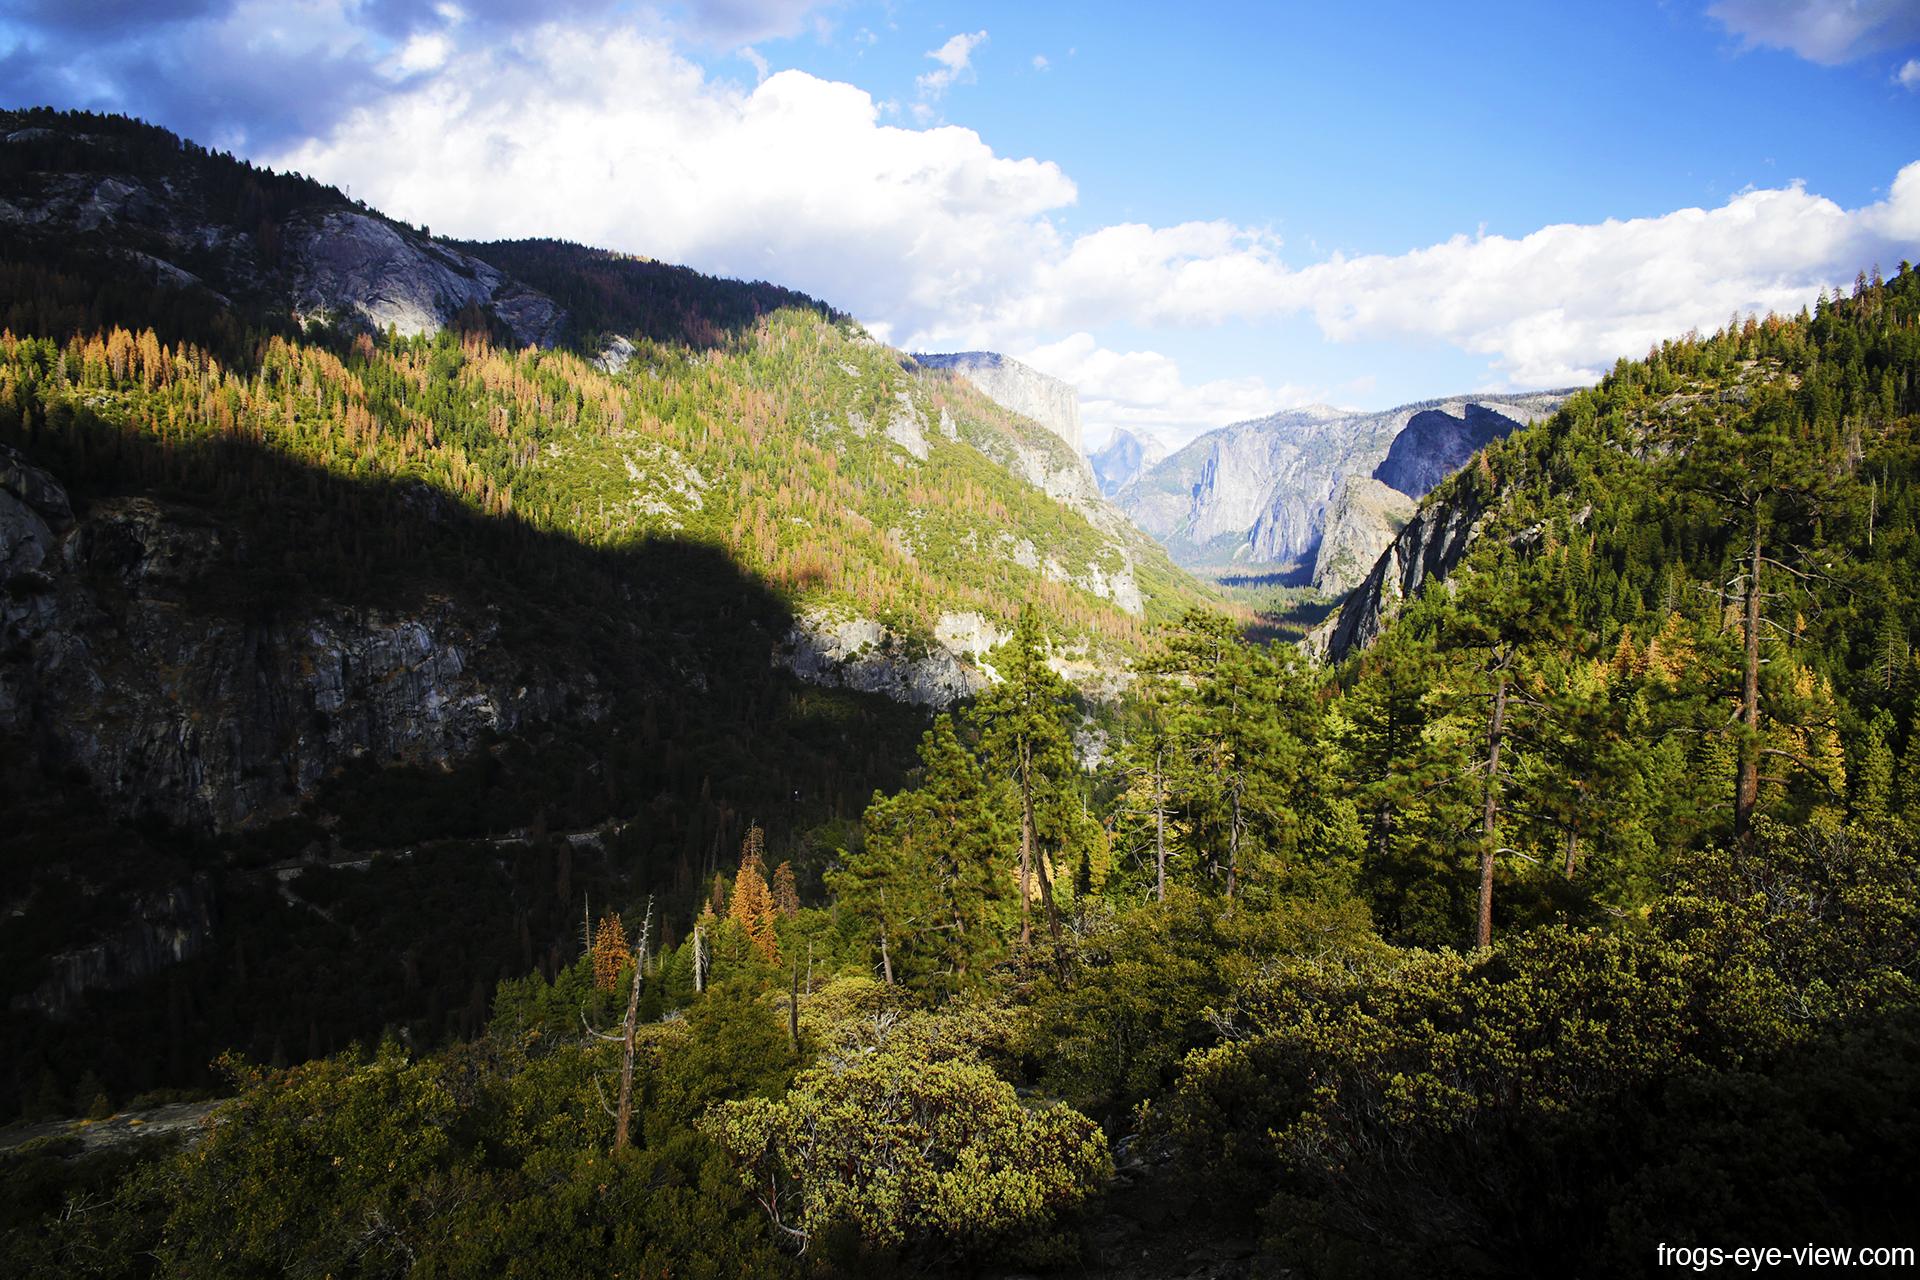 20161002_USA_Westküste_September_15_LakeMono_Yosemite_3183_Kopie